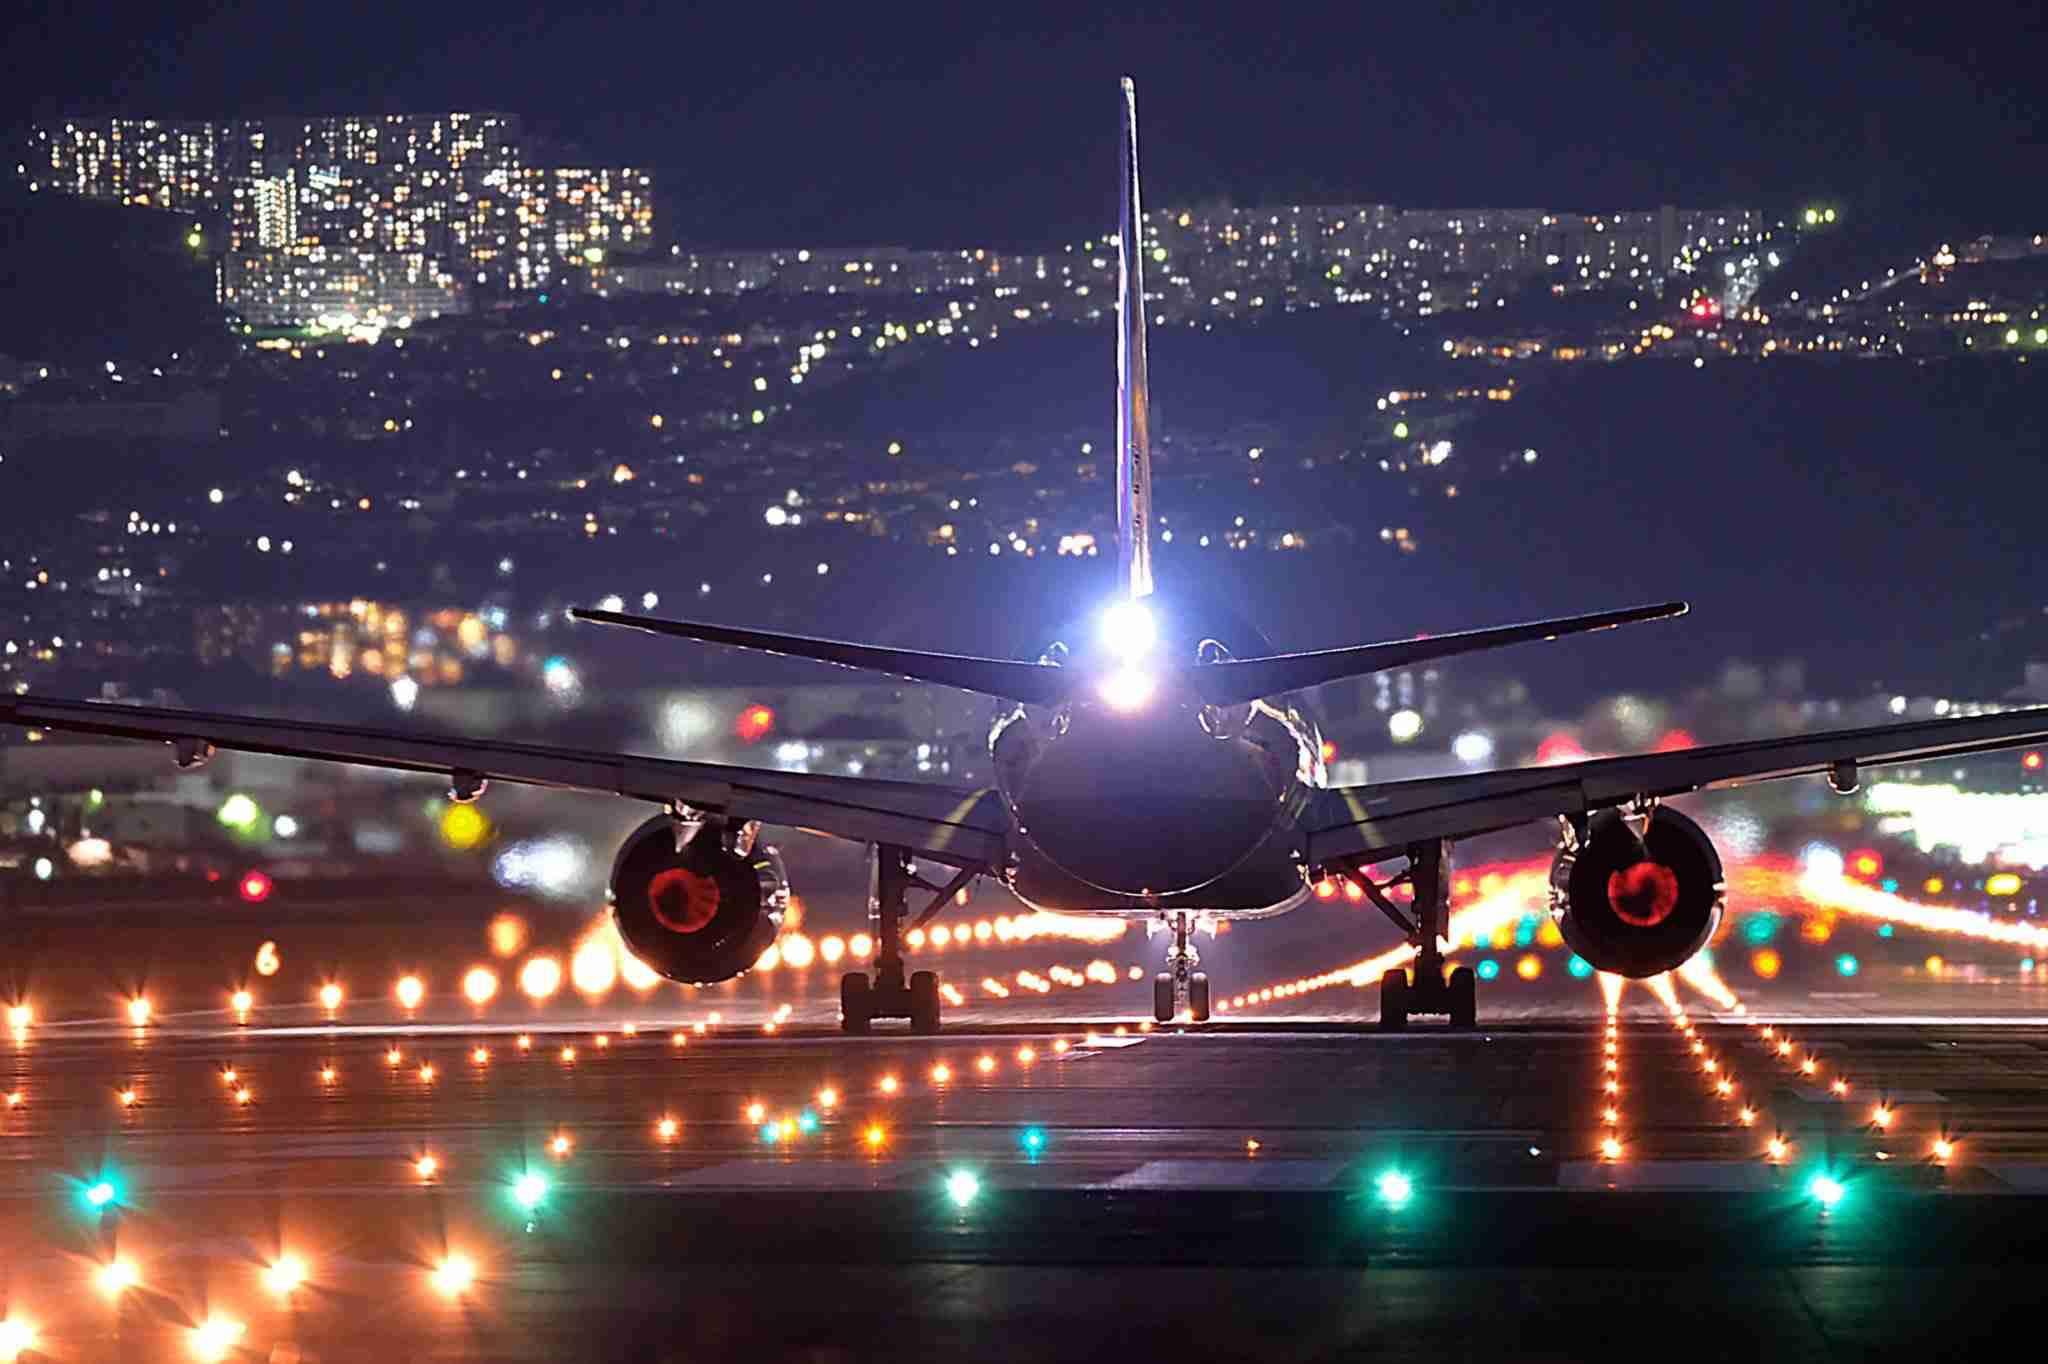 空港が好きな人!